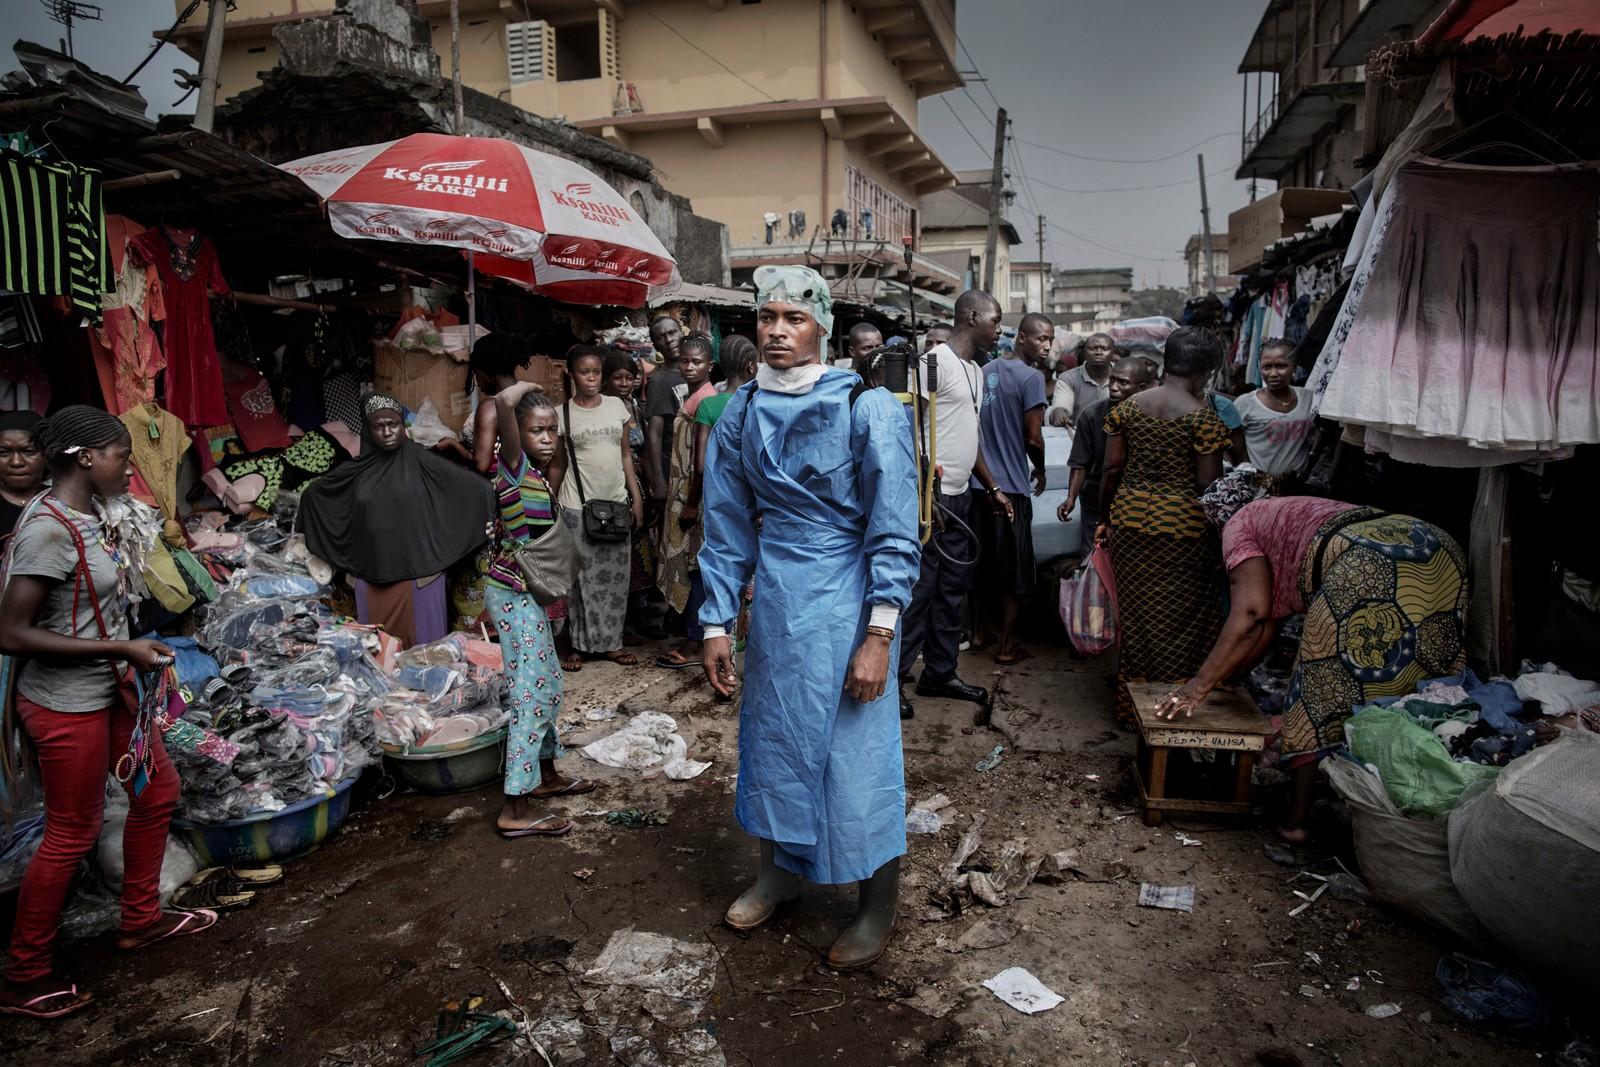 1. pris nyhetsreportasje:  Hjelpearbeidere har kjempet mot ebolaviruset siden utbruddet i mai 2014. I løpet av året klarte de å bekjempe viruset ved blant annet å isolere smittede landsbyer, drive helsekampanjer og stenge grense- overganger. I siste liten kom det internasjonale samfunnet på banen med både helsehjelp og økonomisk støtte. Juryens begrunnelse: Serien er helstøpt. Dette er en ekstremt god skildring av en av de store nyhetshendelsene i 2015. Vi vil berømme fotografen for å dra til ebolarammede land for å dokumentere. Det er en farlig jobb. Avslutningsbildet er overraskende og vakkert.